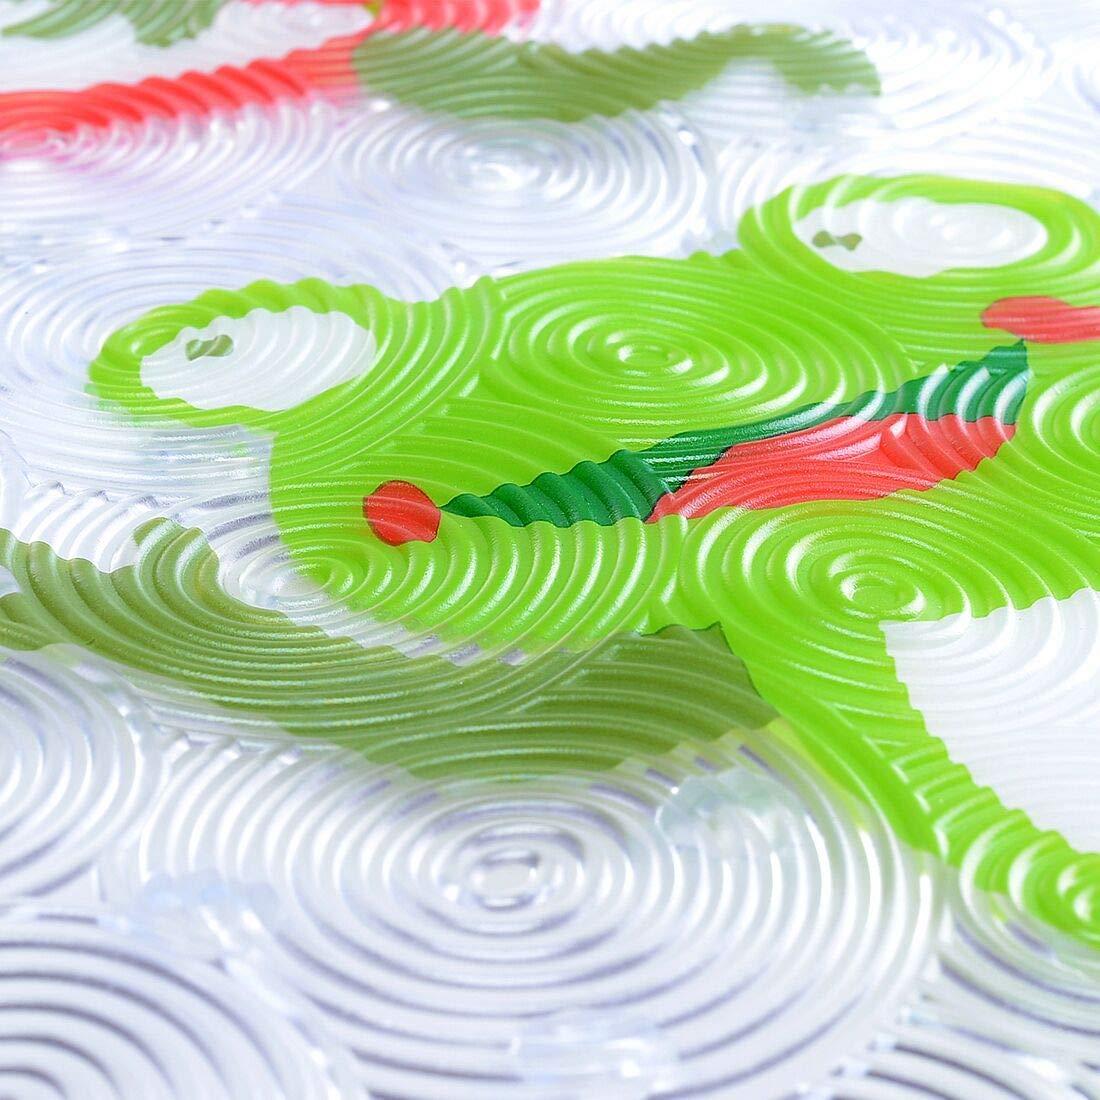 Antideslizante Ni/ños Ba/ñera Estera Rana 69 x 38 cm Lindo Modelo Dise/ño Resistente al Moho Y Lavable en la Lavadora Gspirit Beb/é Ba/ñera Estera con ventosas para ba/ñera